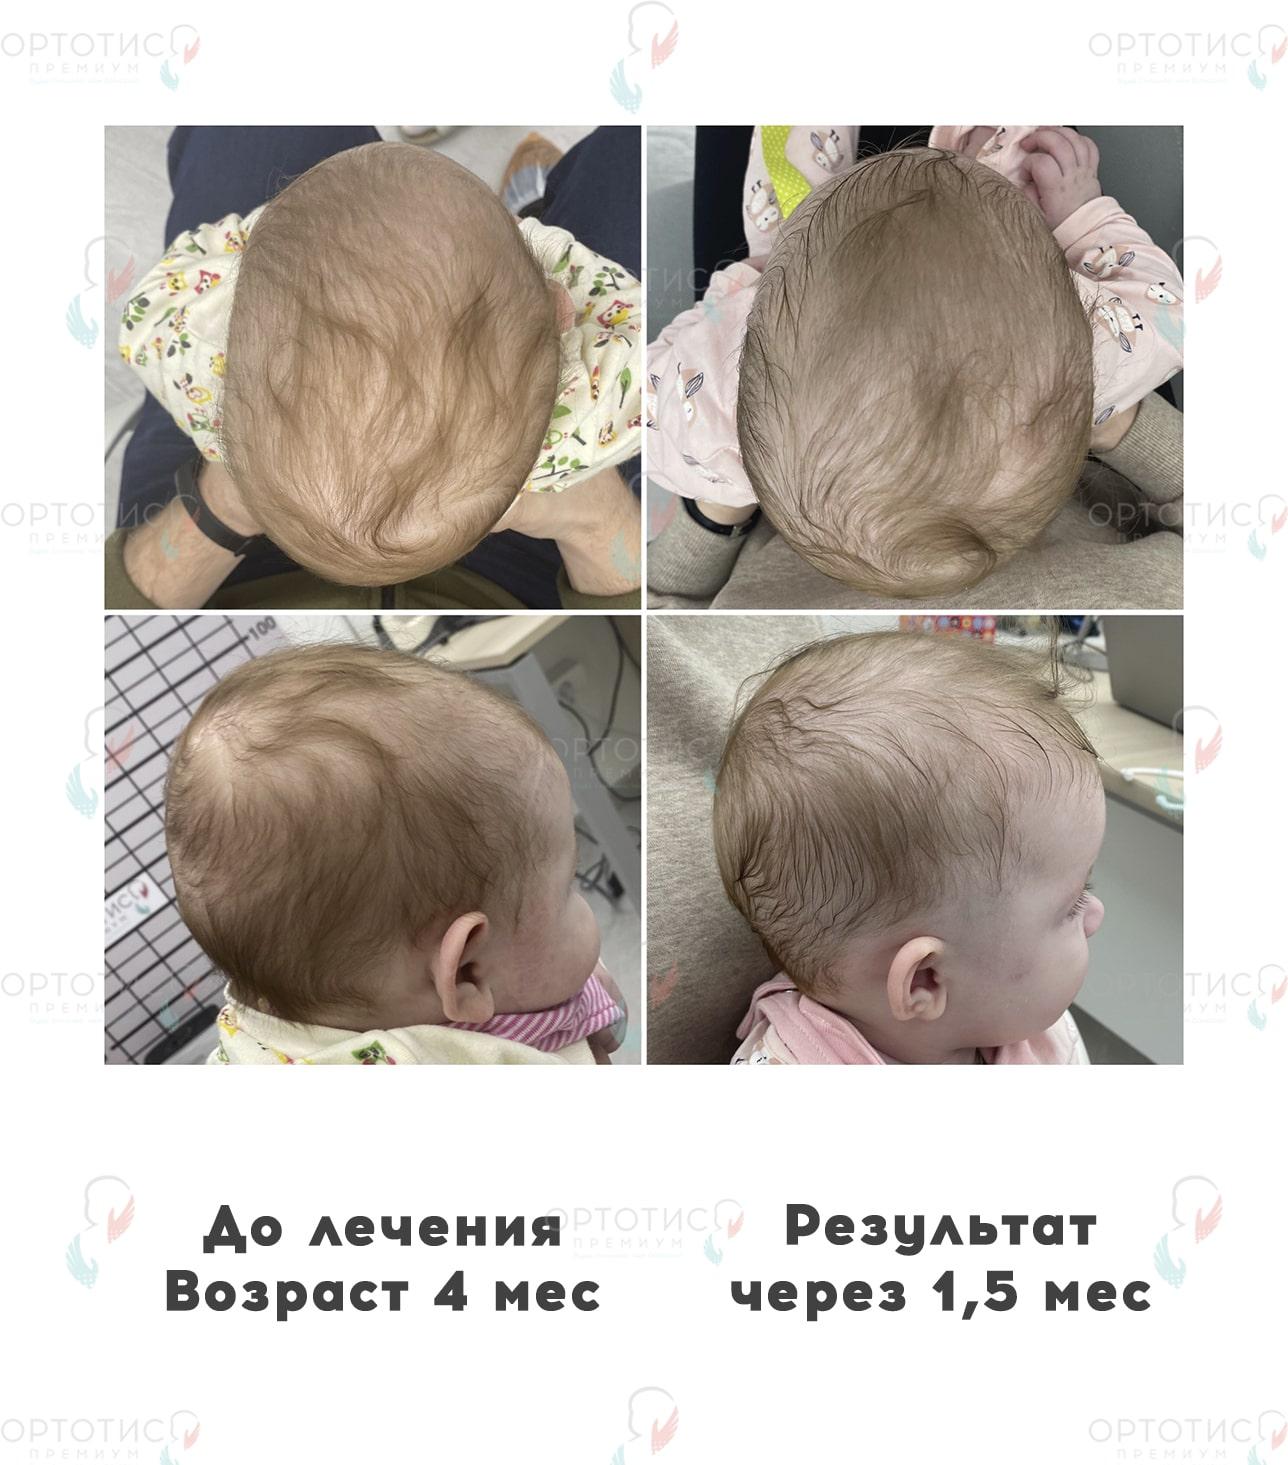 Плагиоцефалия, 1,5 месяца - Ортотис Премиум